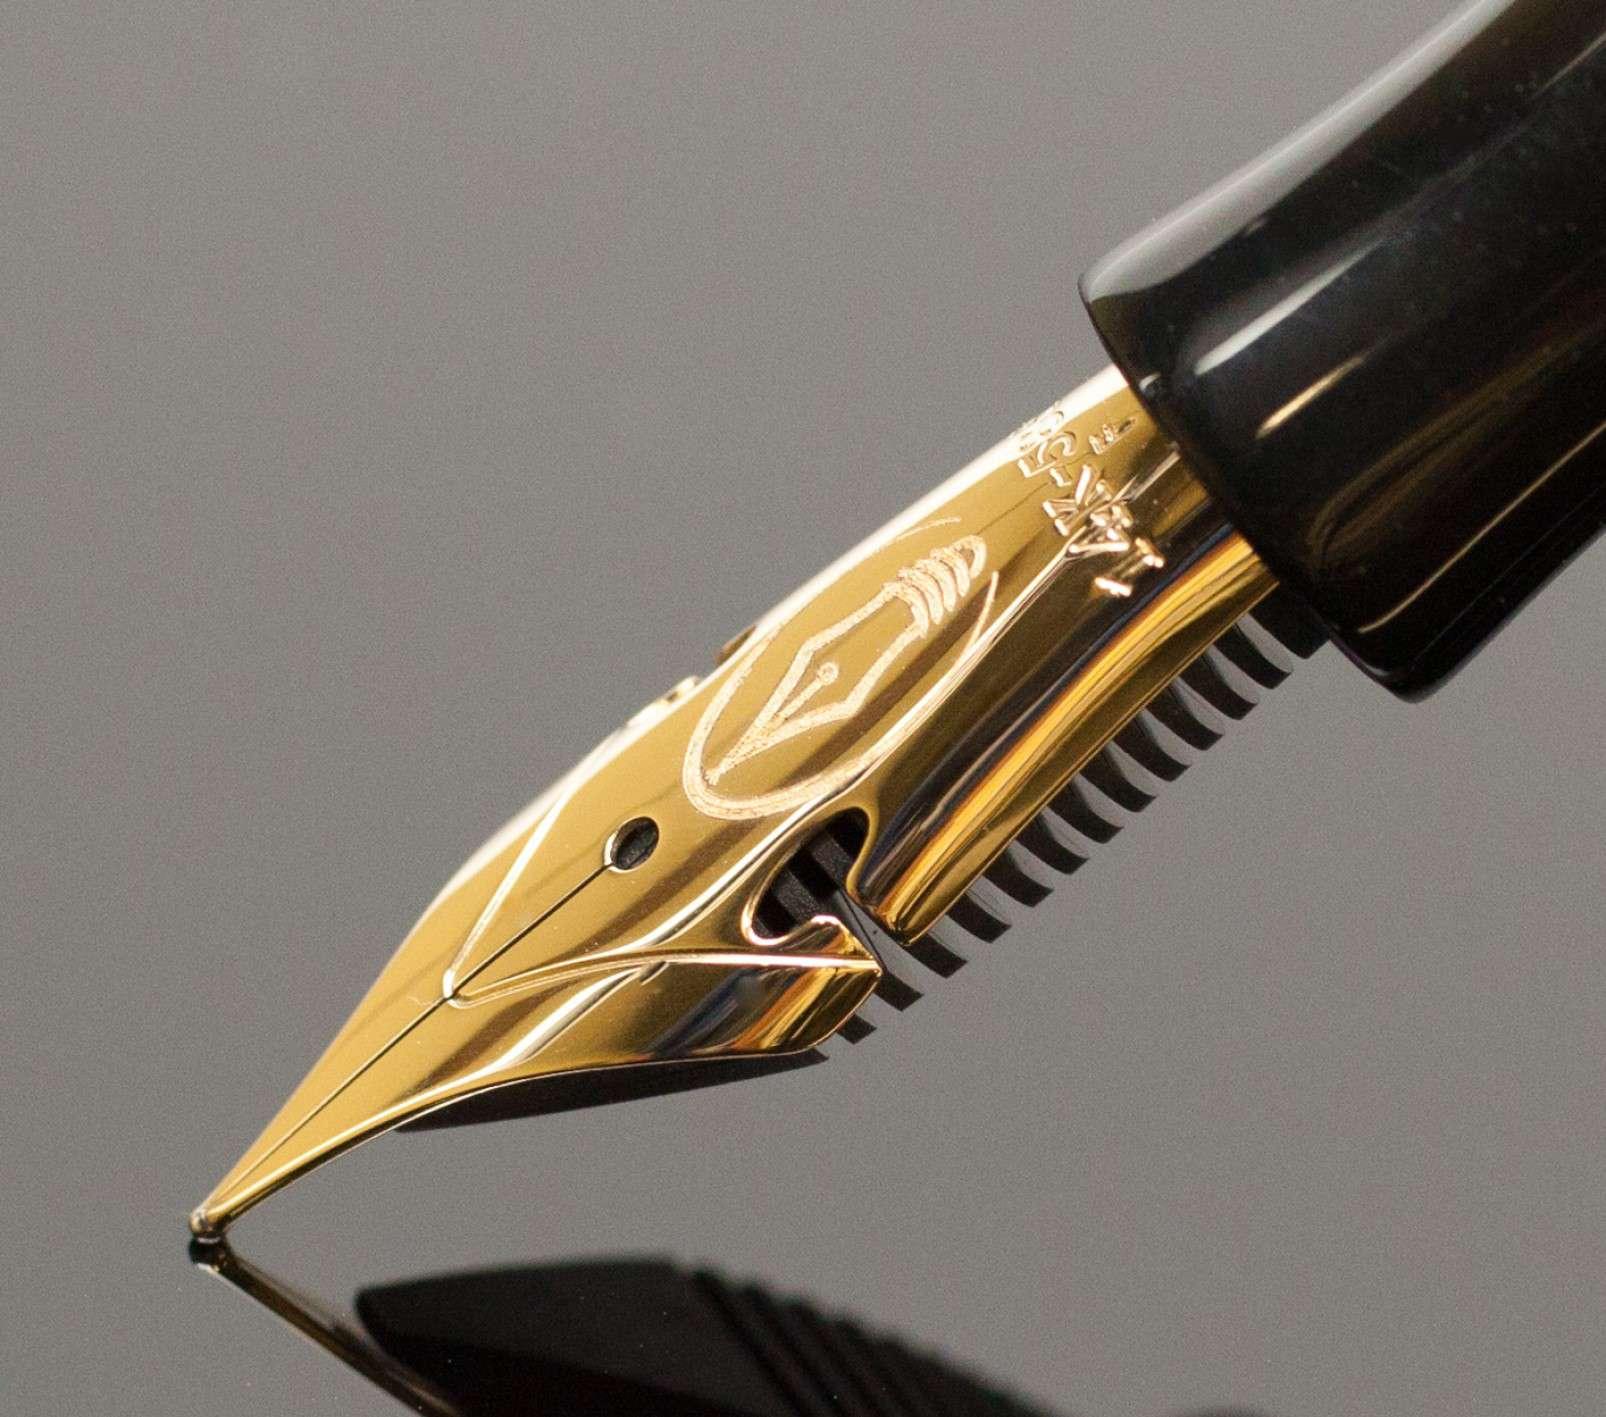 Edison Pen Co. nib